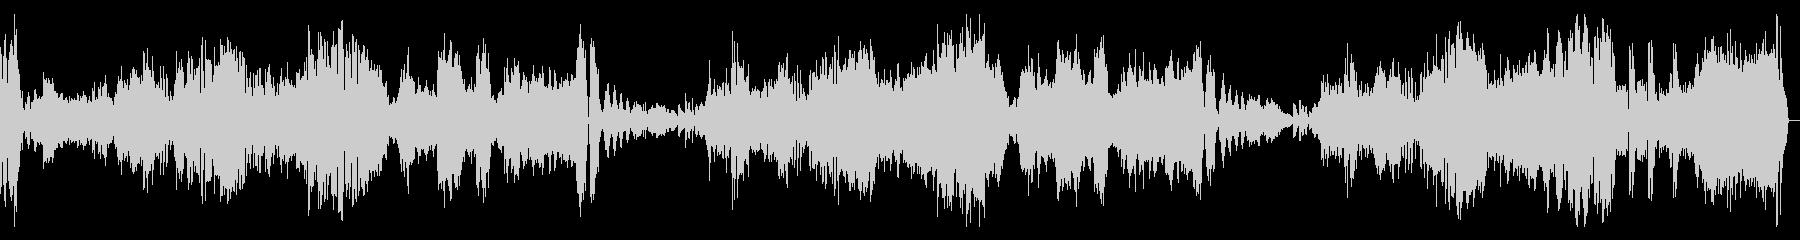 熱情 第三楽章 ベートーヴェンの未再生の波形